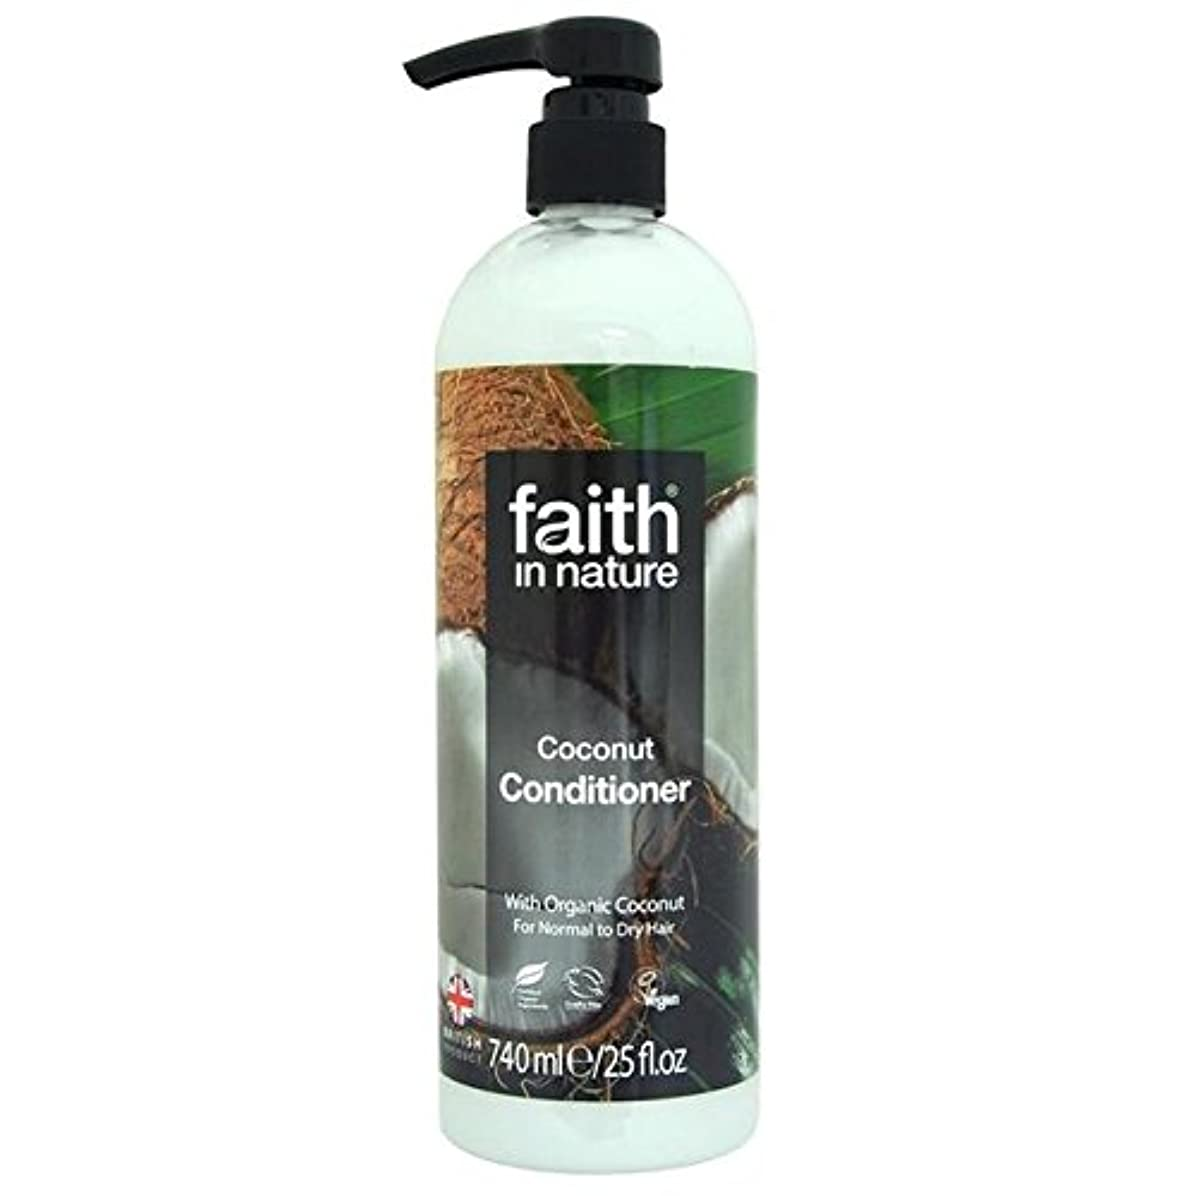 止まる入場たとえFaith in Nature Coconut Conditioner 740ml (Pack of 4) - (Faith In Nature) 自然ココナッツコンディショナー740ミリリットルの信仰 (x4) [並行輸入品]